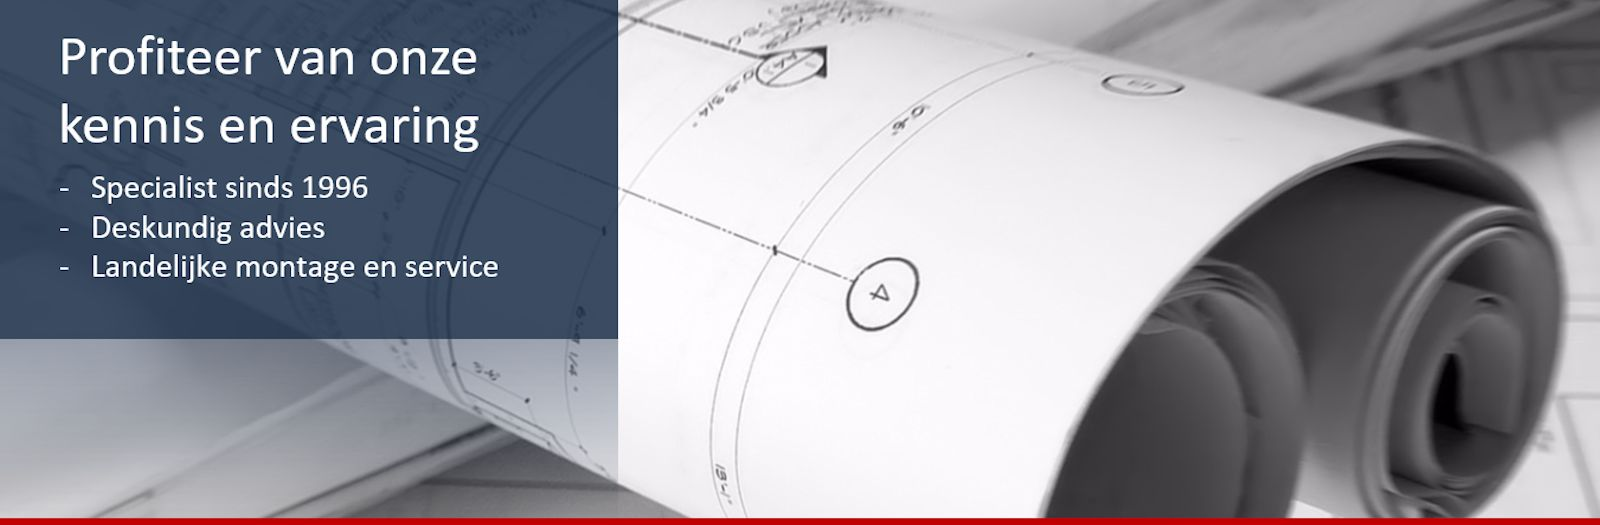 sliders-website-2018_plafondliften-projectmanagent-1600x525-2